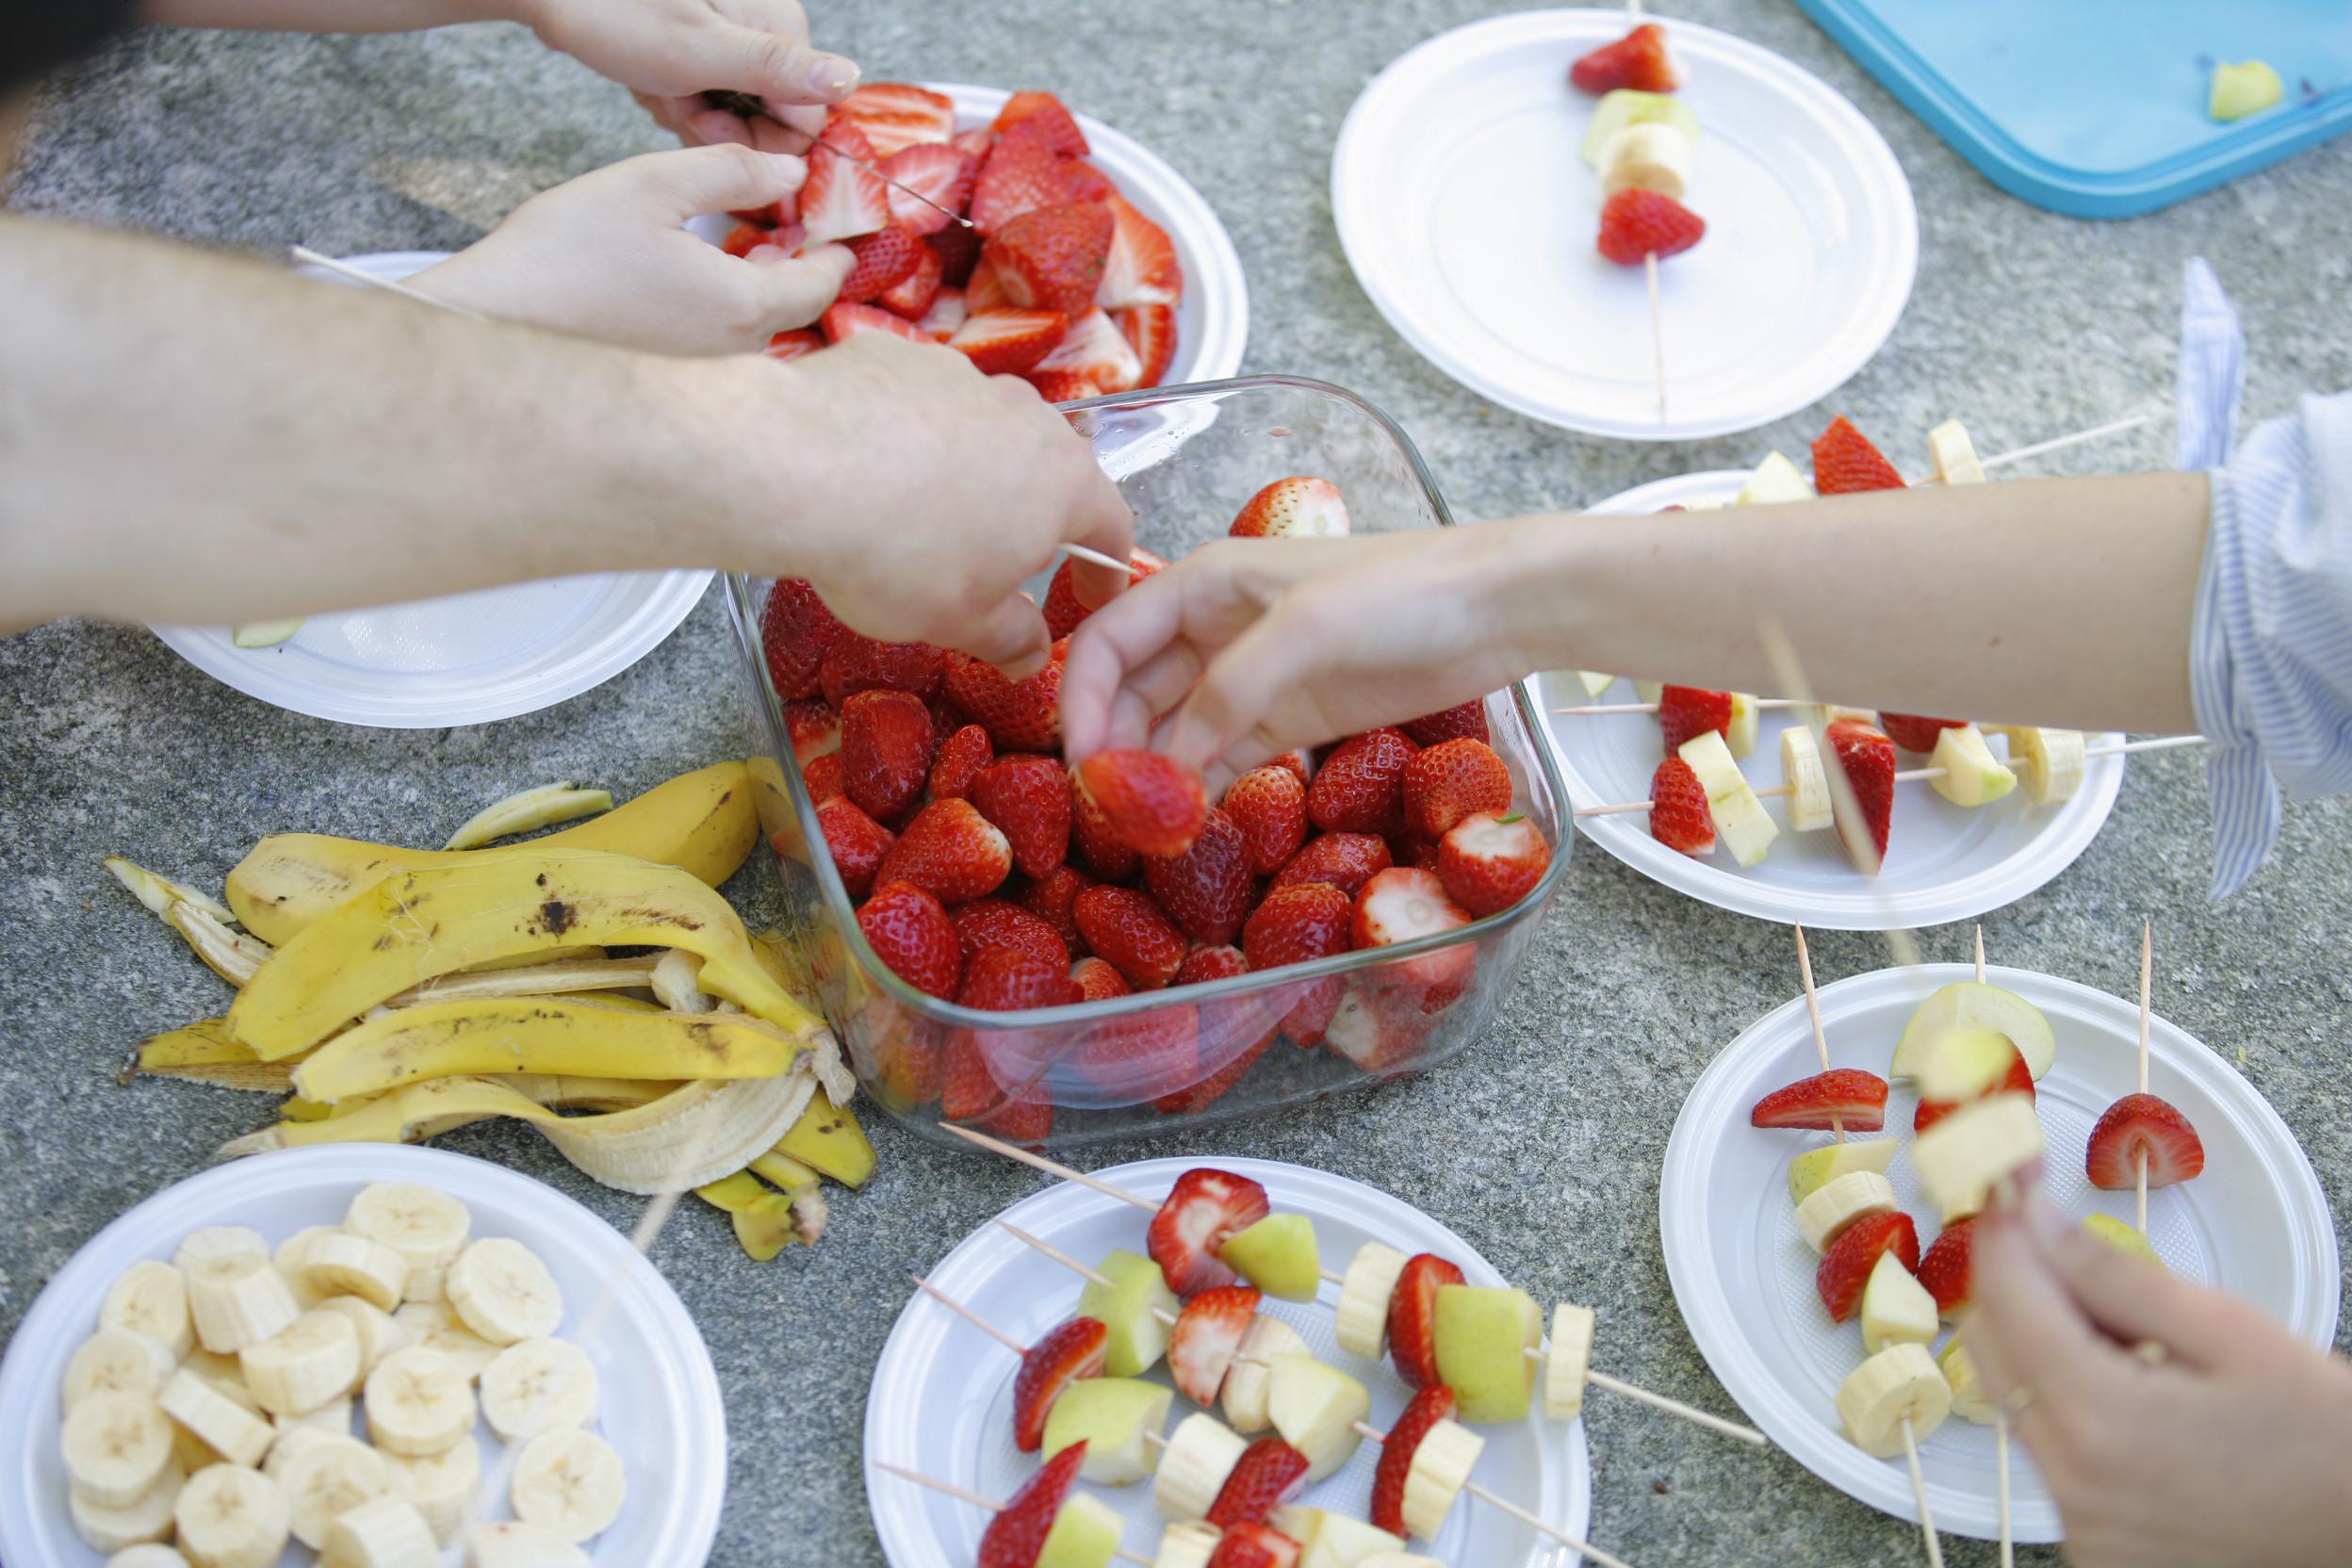 meriendas cumpleaños fruta